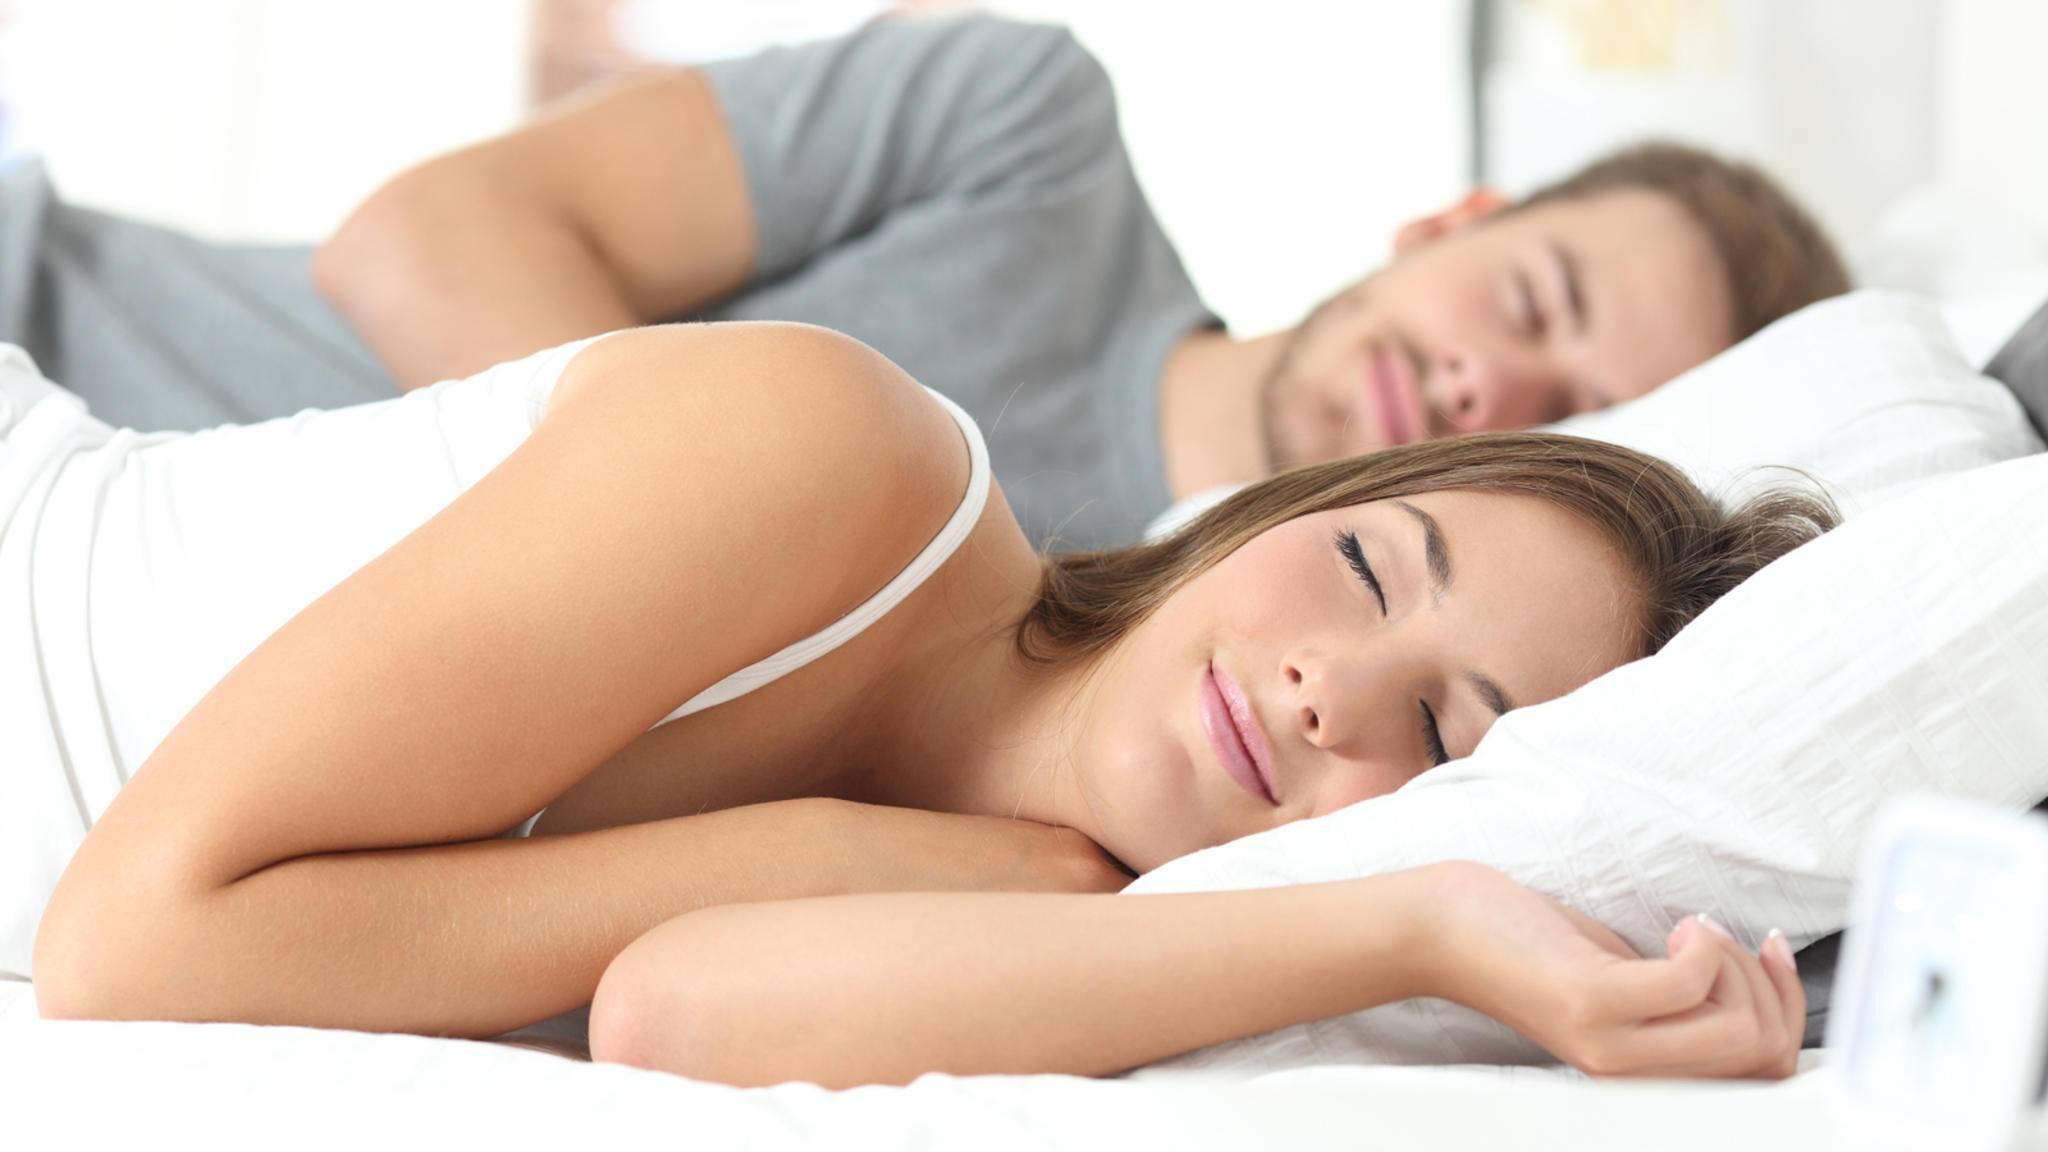 Wer gut schläft, ist nicht nur leistungsfähiger und lebt gesünder, sondern auch länger!